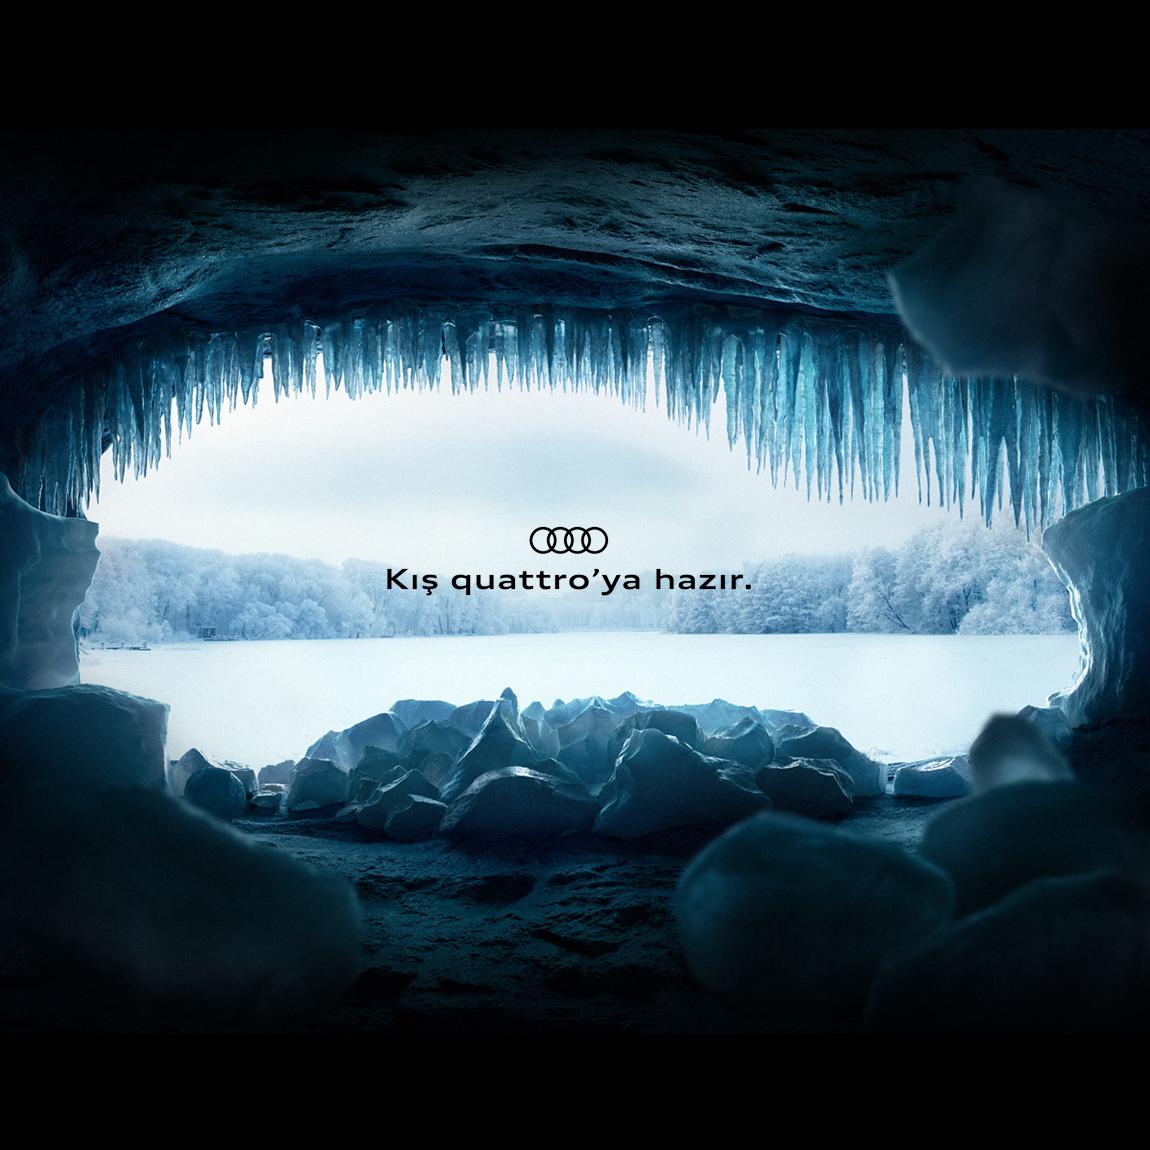 Audi - Kış quattro'ya hazır